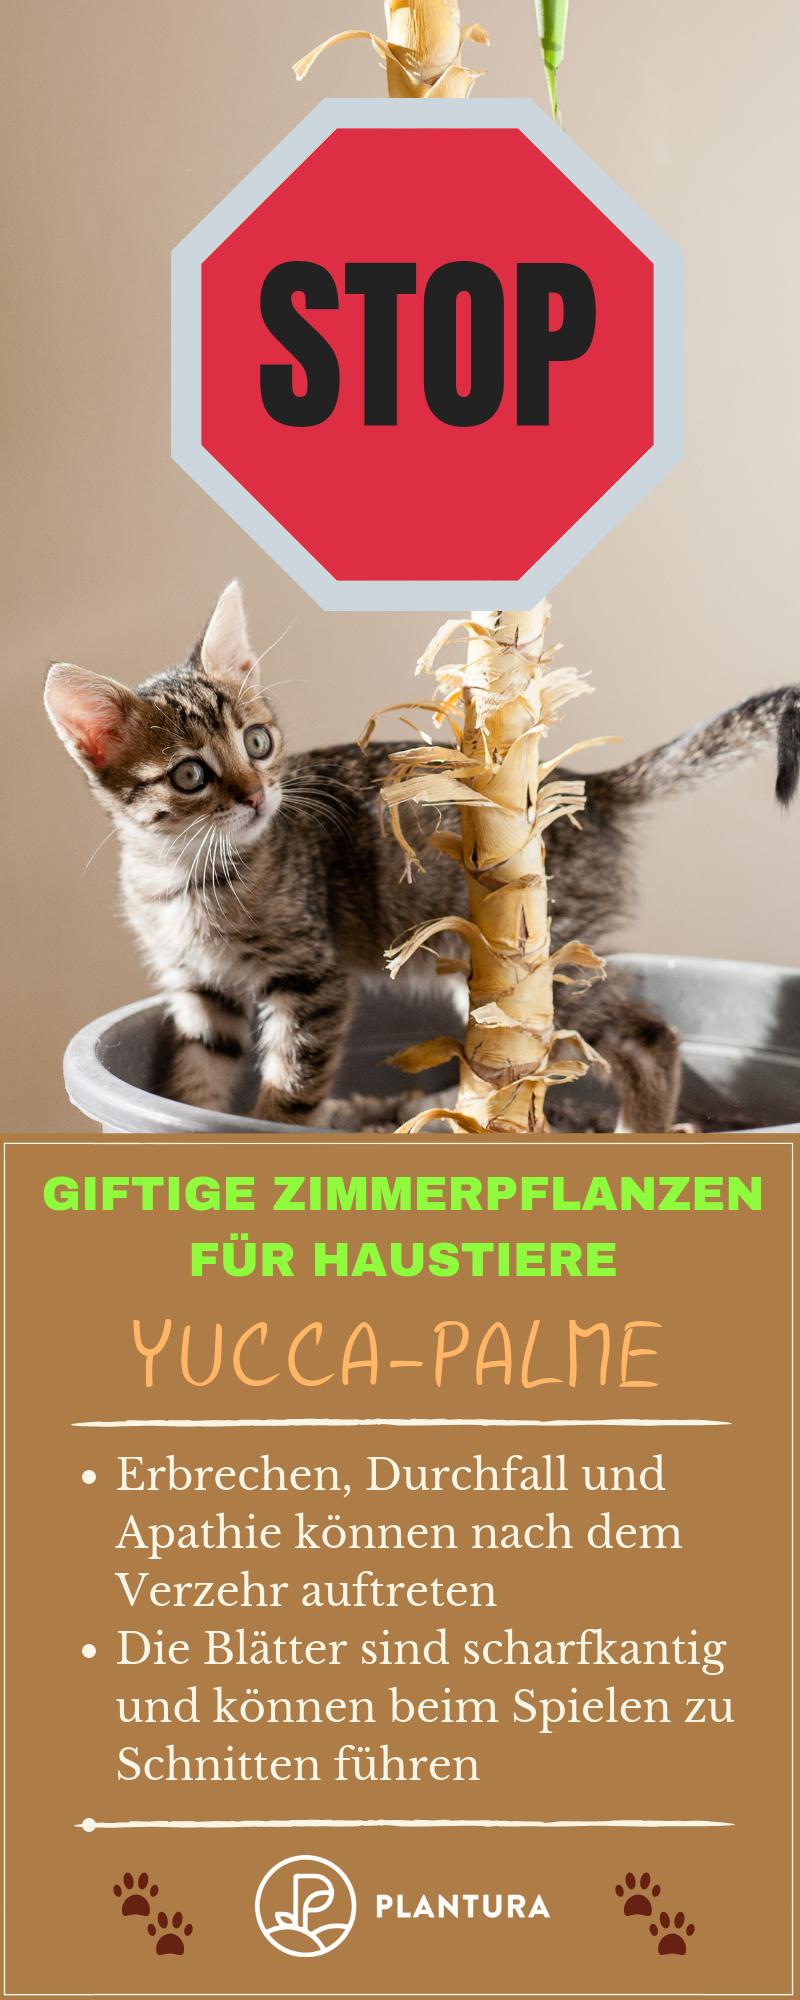 10 Giftige Zimmerpflanzen Fur Haustiere Plantura Pflanzen Haustiere Giftige Pflanzen